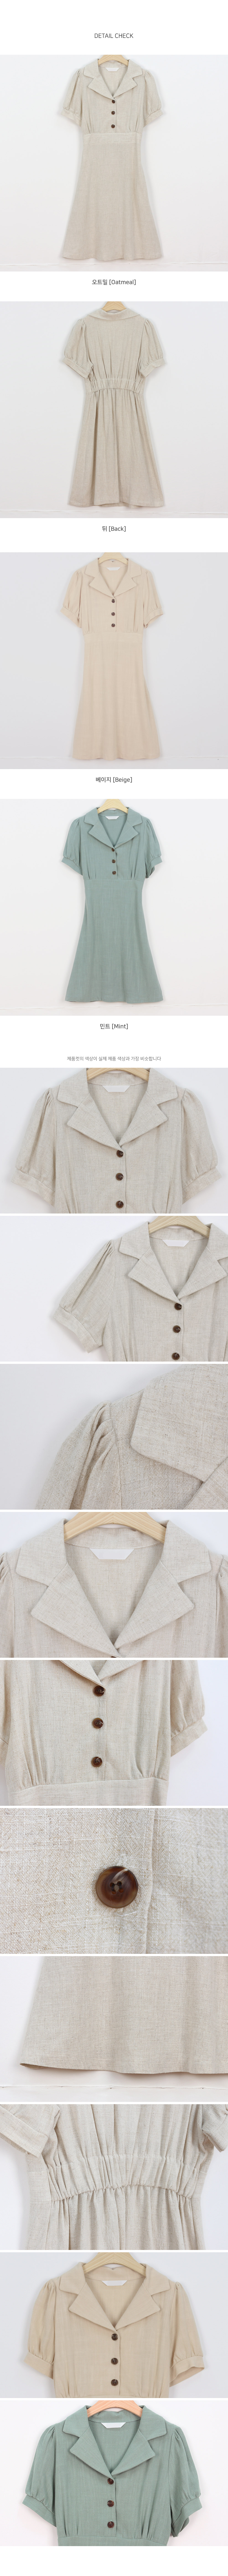 Robo marble button linen dress